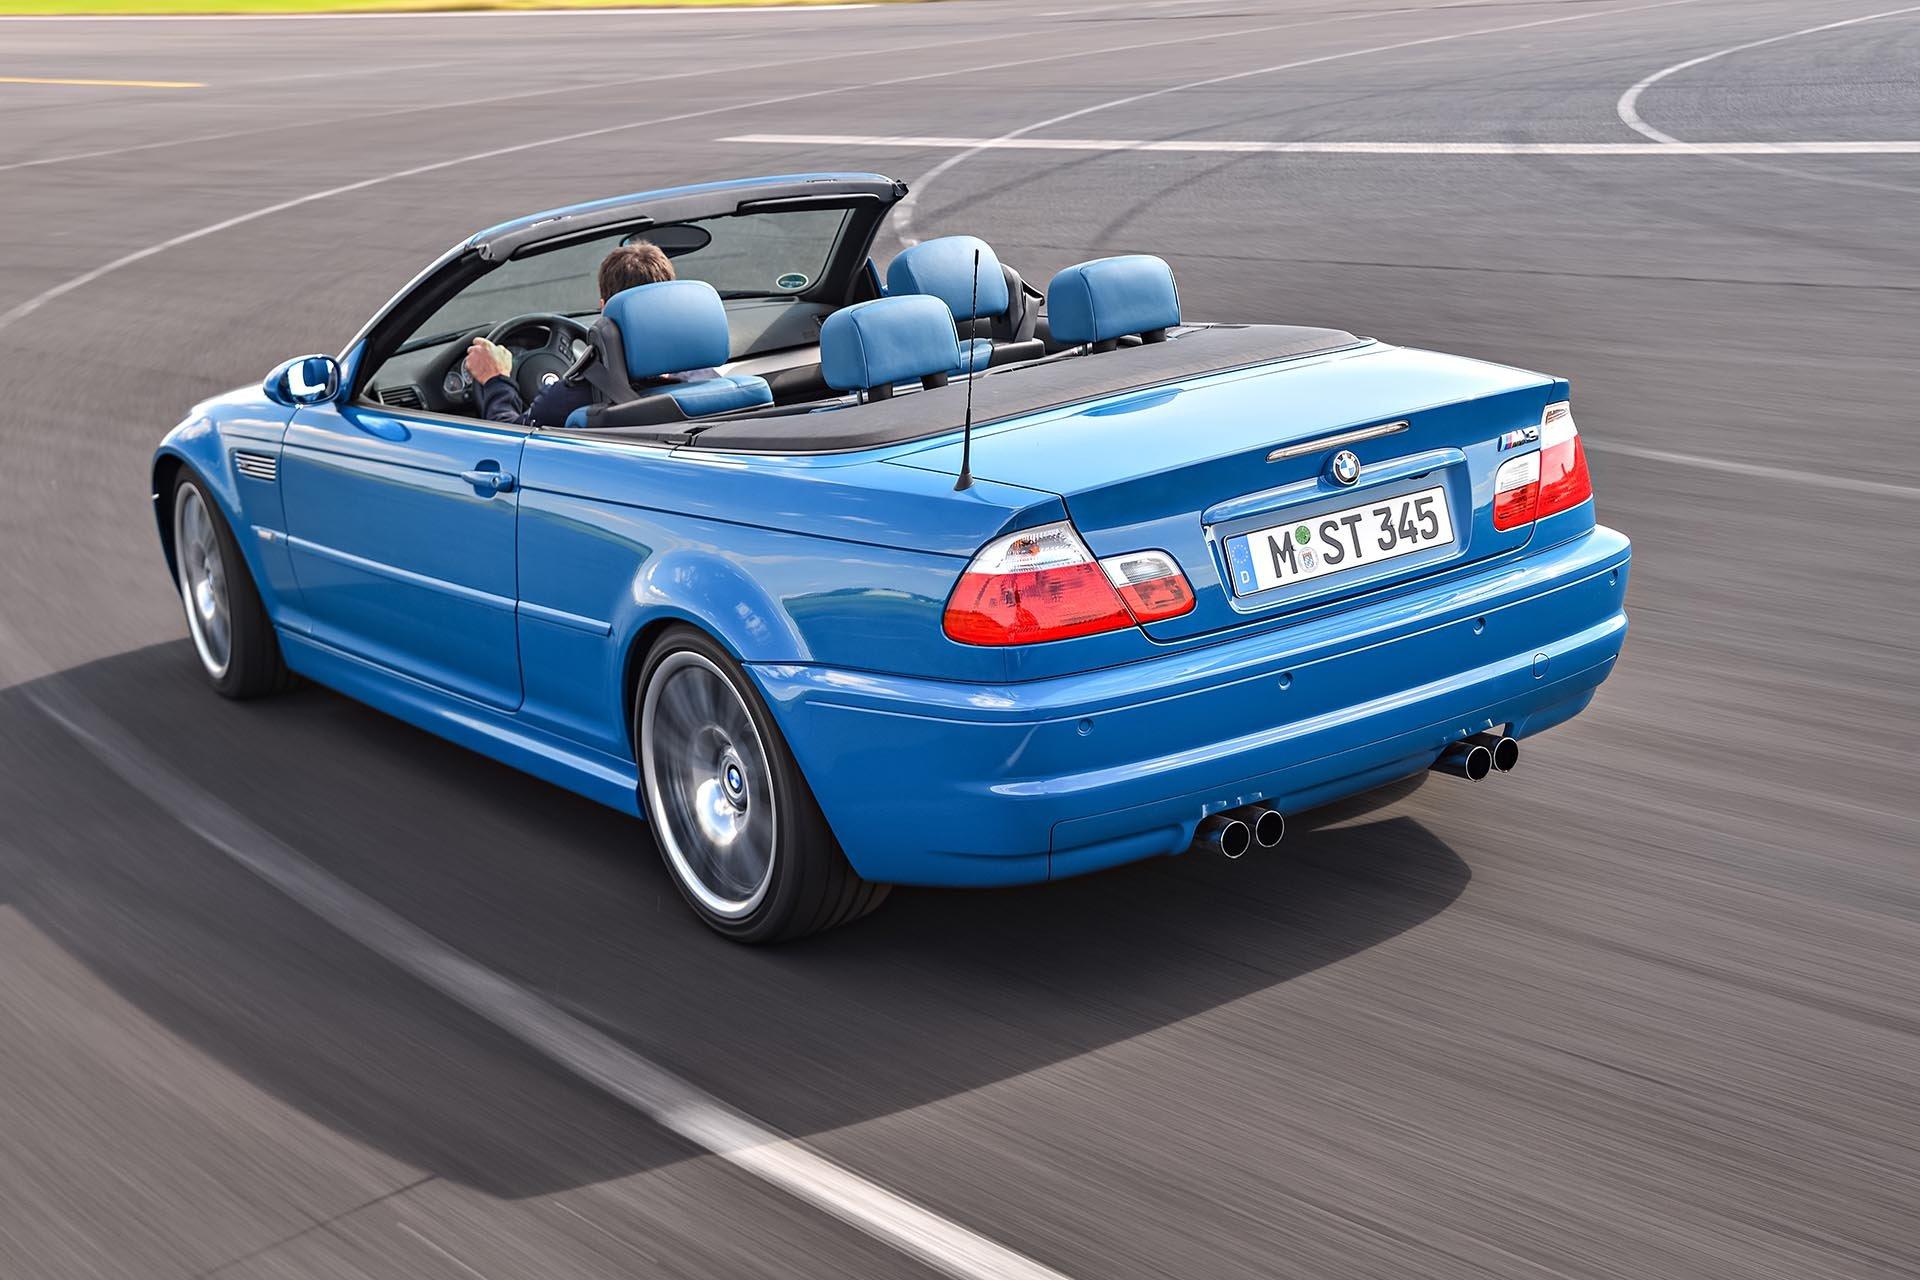 10_BMW E46 M3 convertible rear